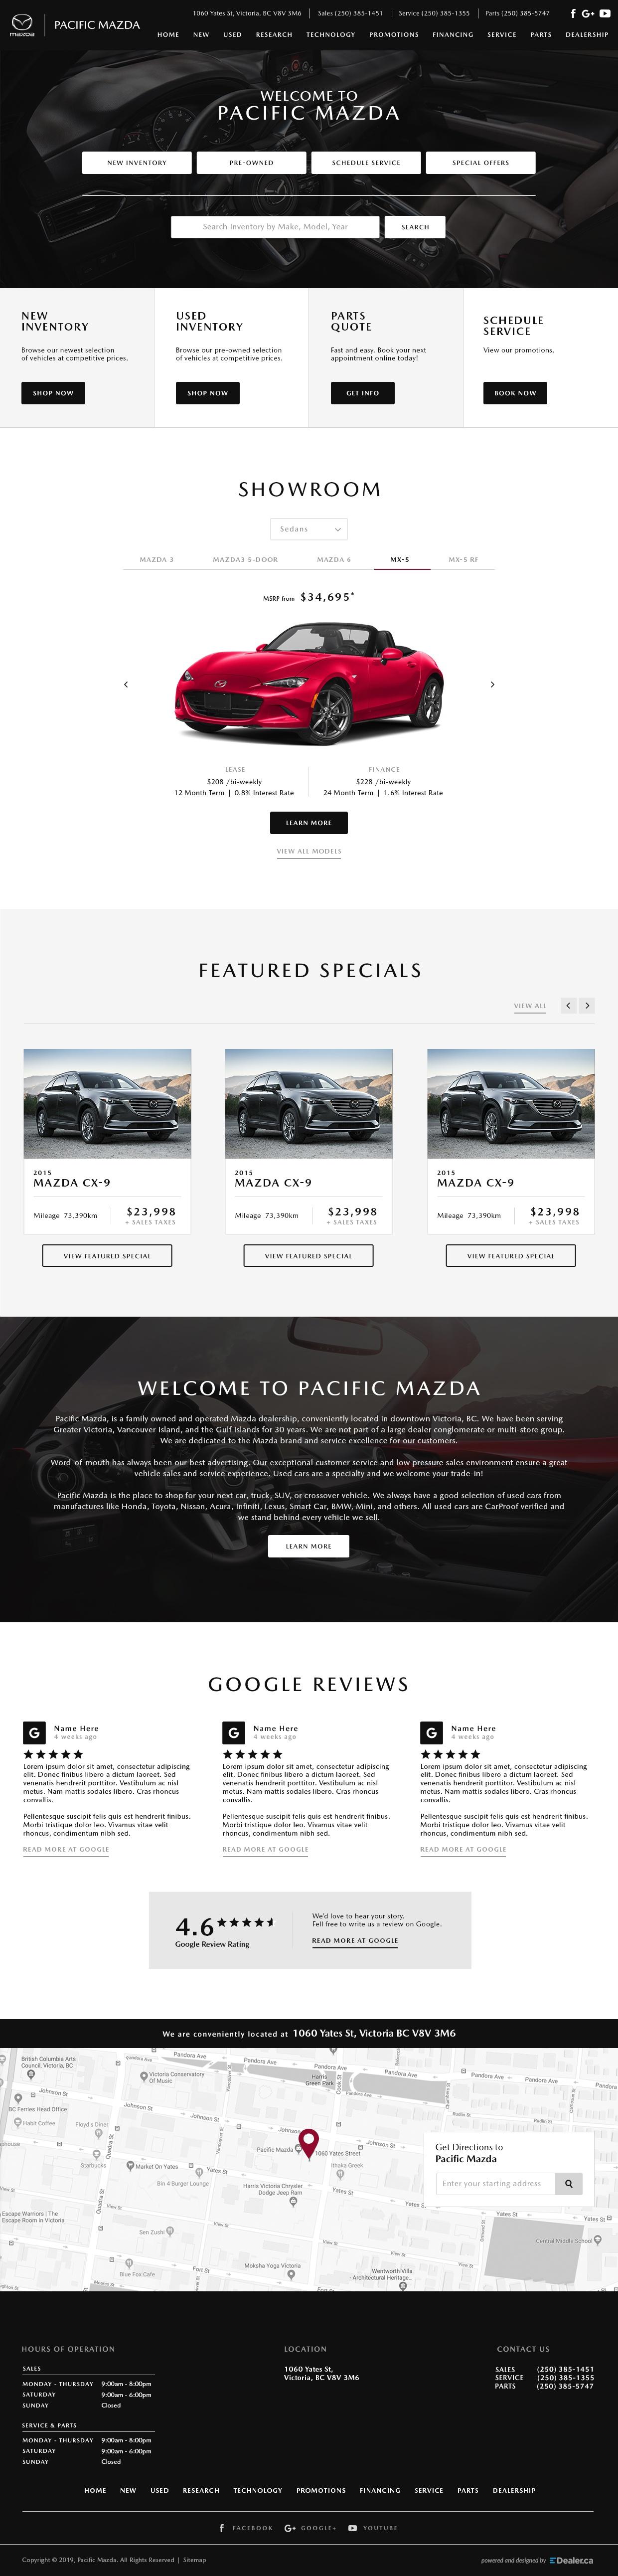 Pacific Mazda